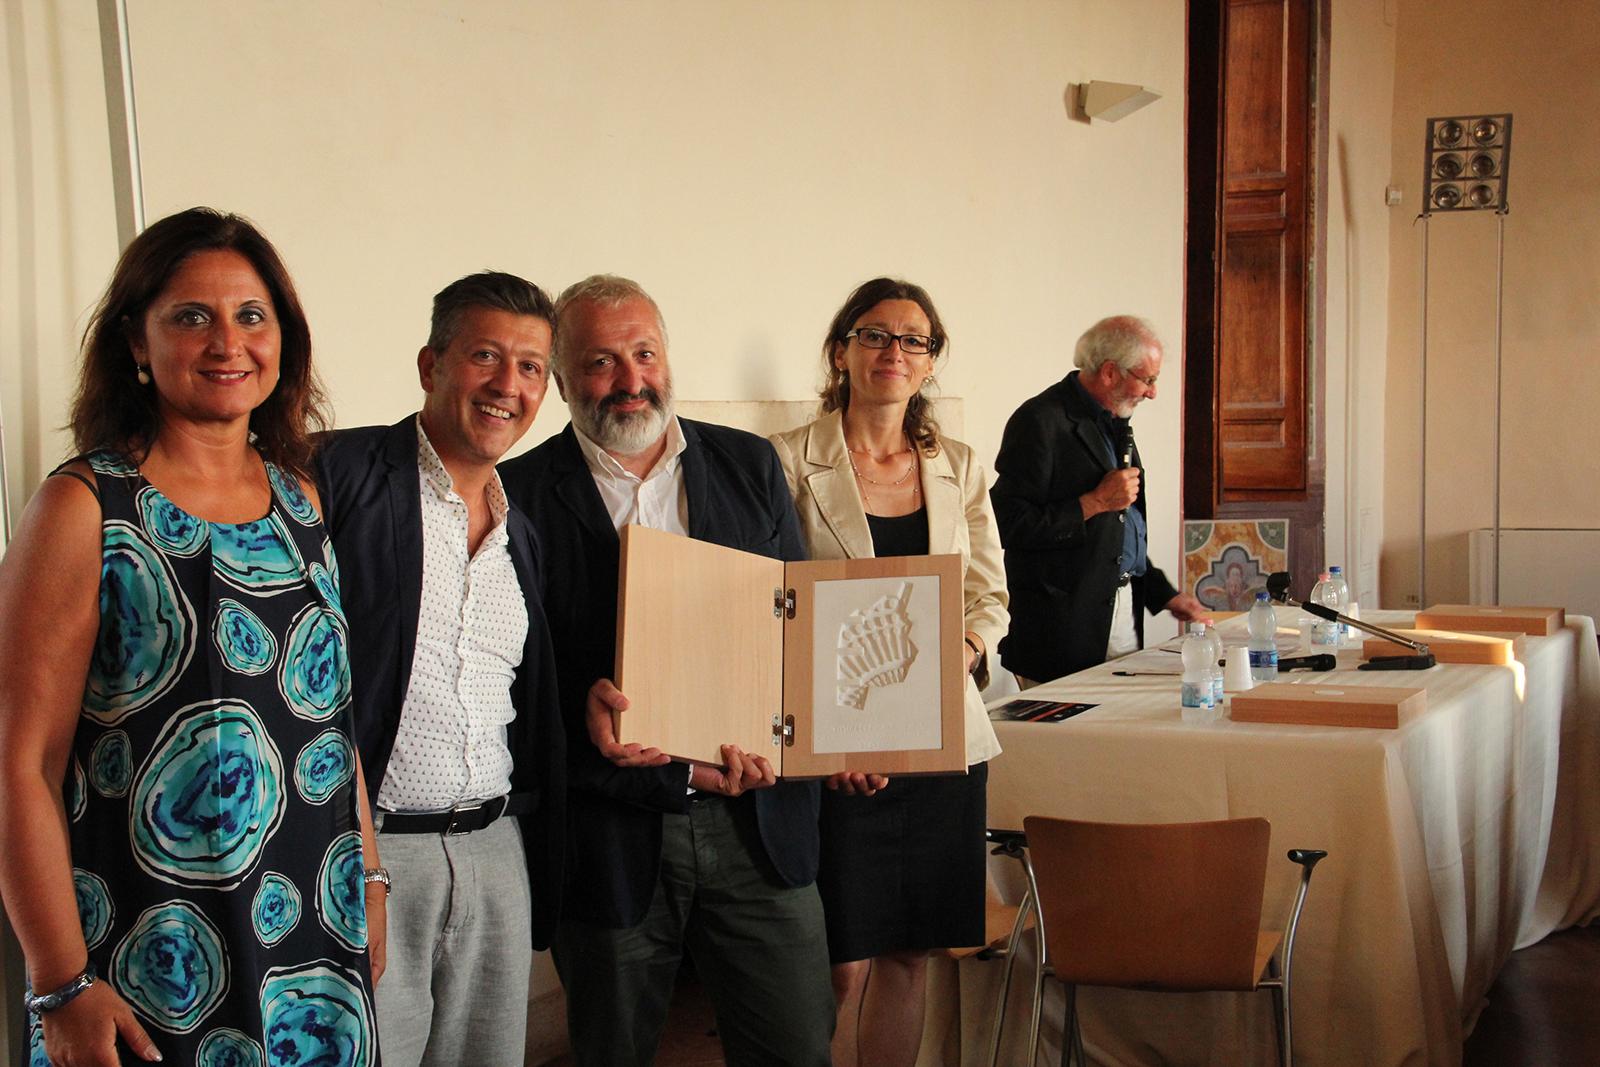 Terzo gruppo classificato. Politecnico di Torino, coordinato da Paolo Mellano e João Nunes, con Francesco Novelli